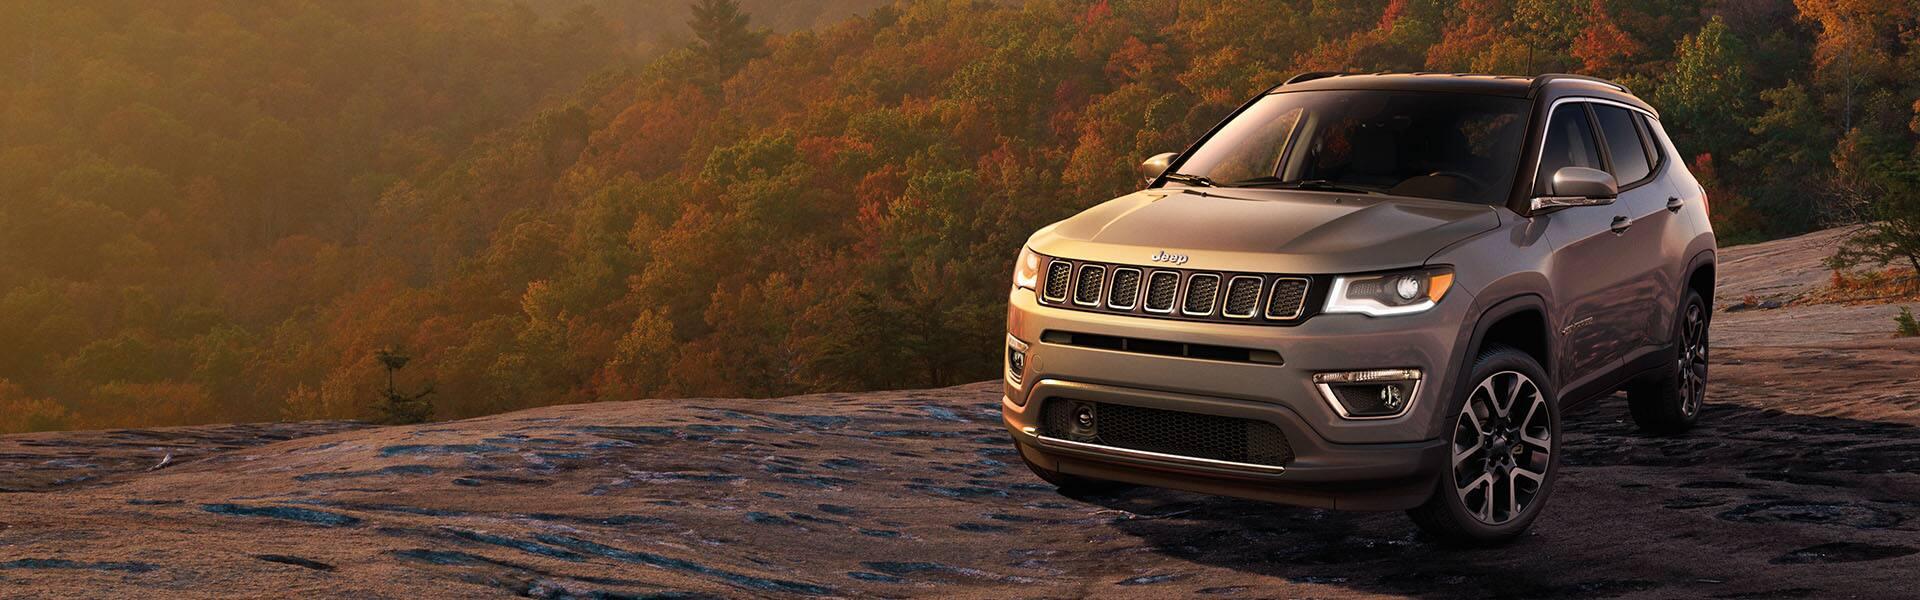 El Jeep Compass Limited 2021 estacionado al borde de un acantilado rocoso con vista a un valle con árboles cubiertos de follaje otoñal.